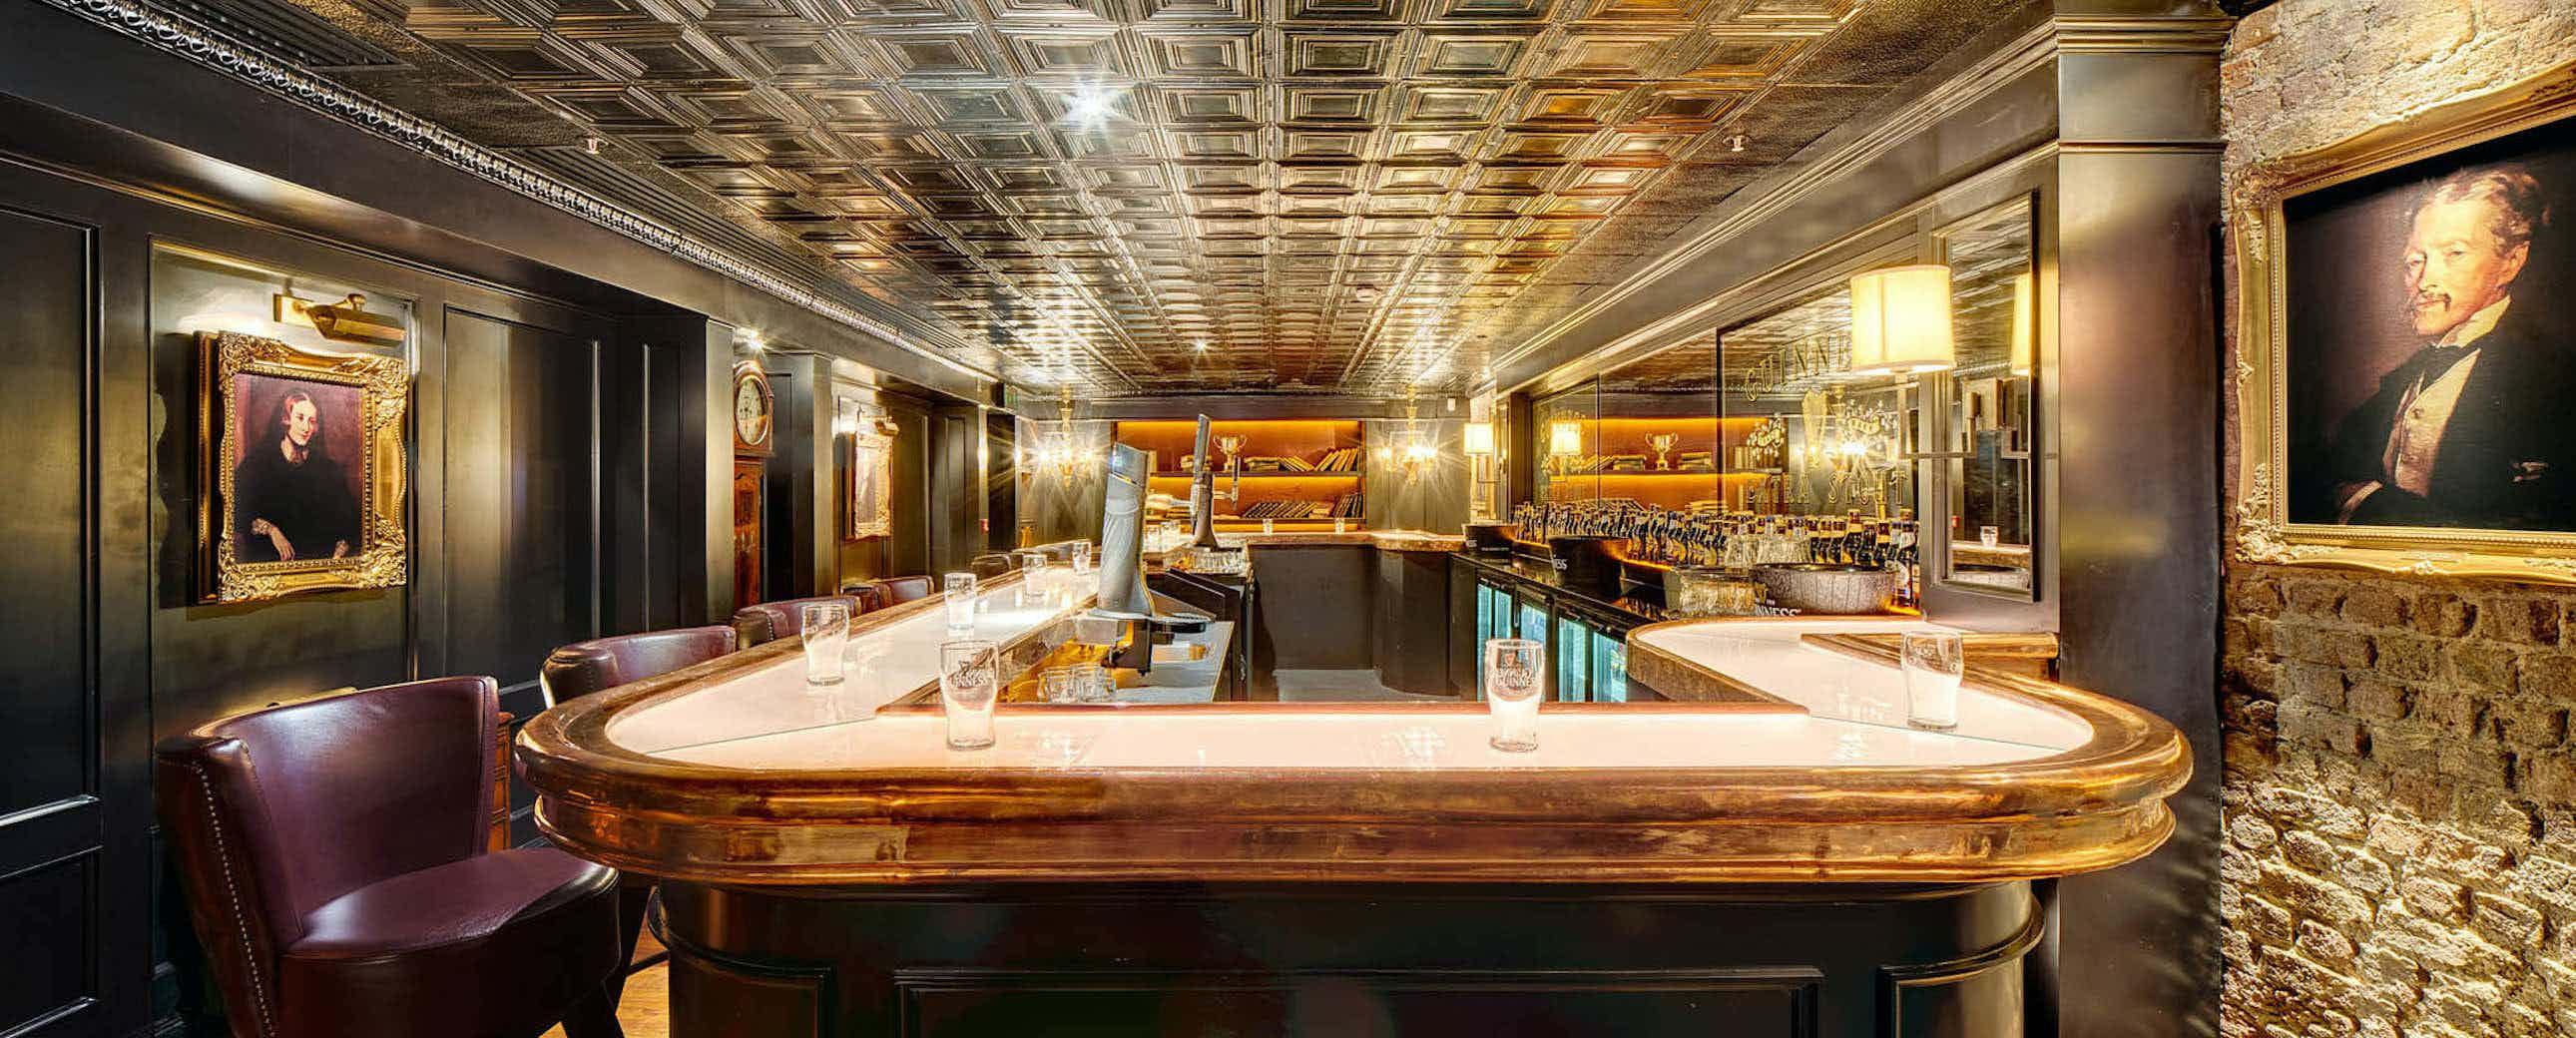 Connoisseur Bar, Guinness Storehouse